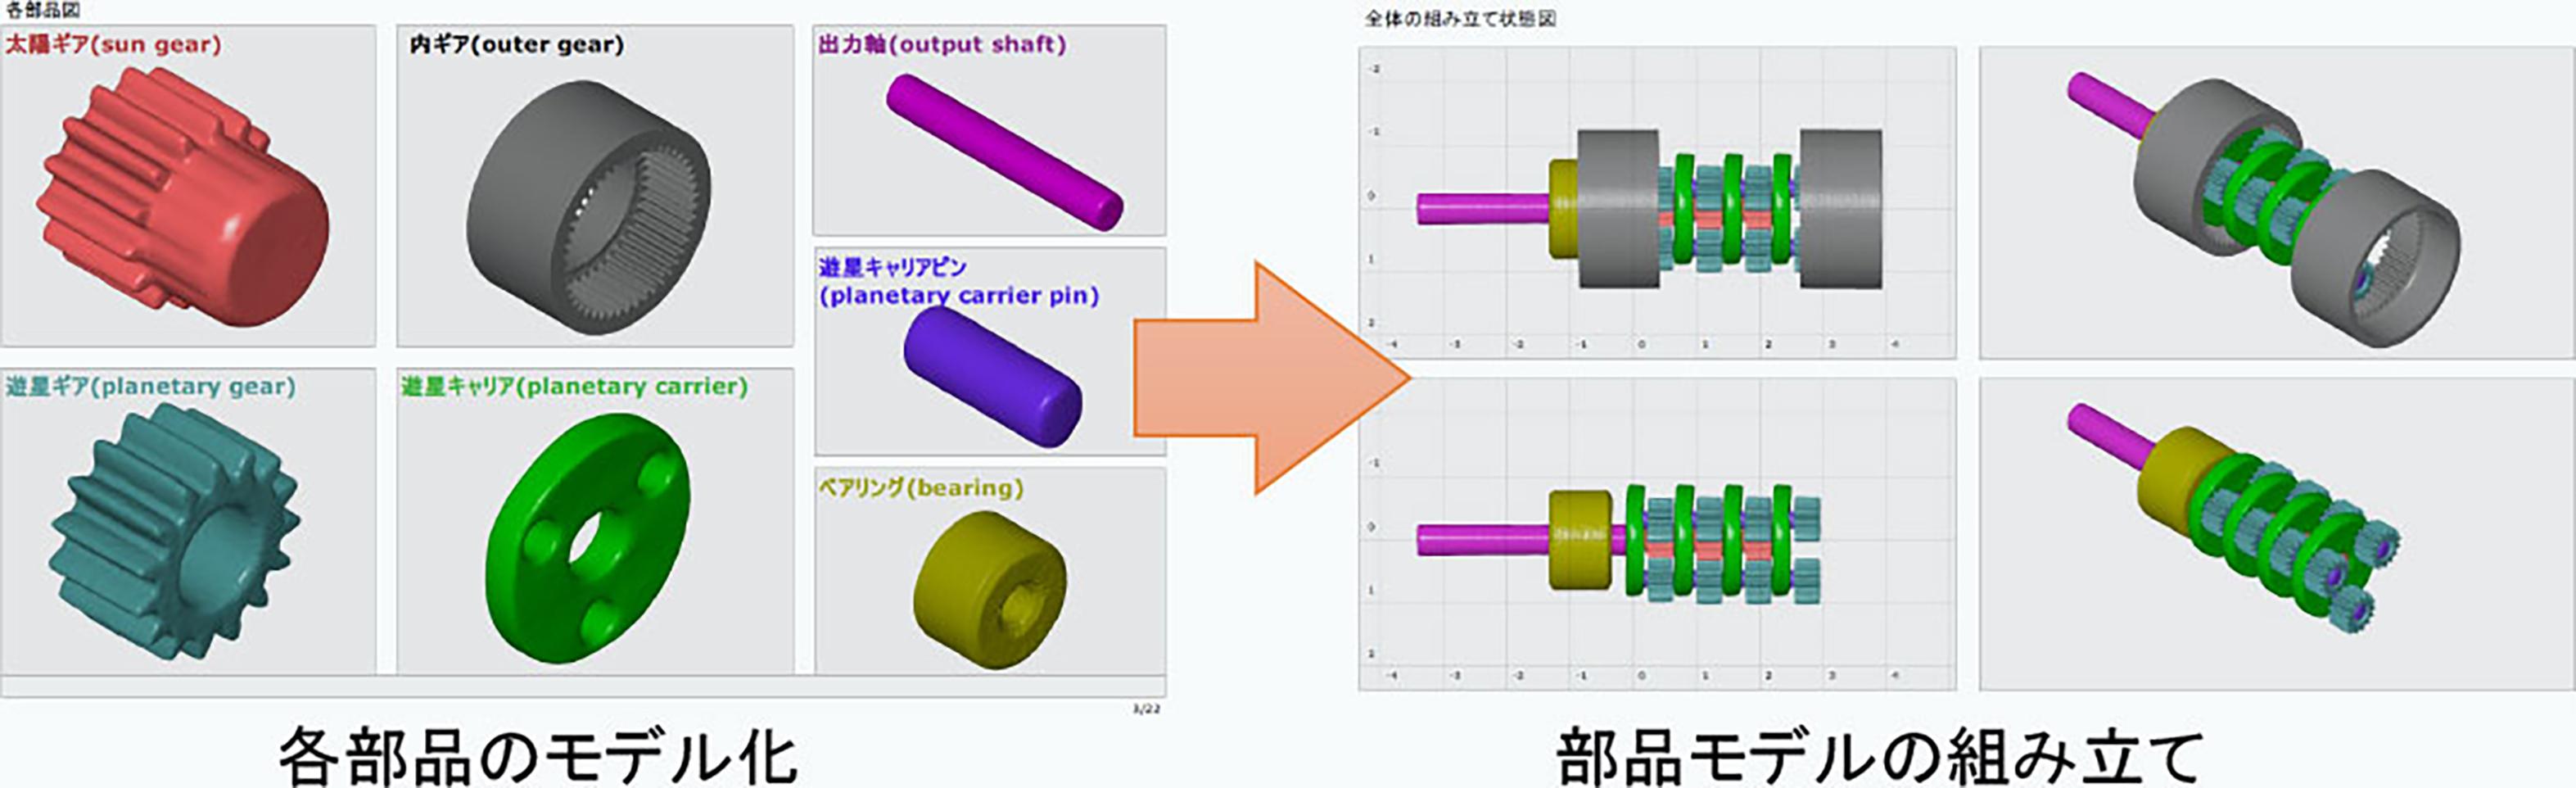 部品測定データから得られたCADモデルの組立評価 各部品のモデル化→部品モデルの組立